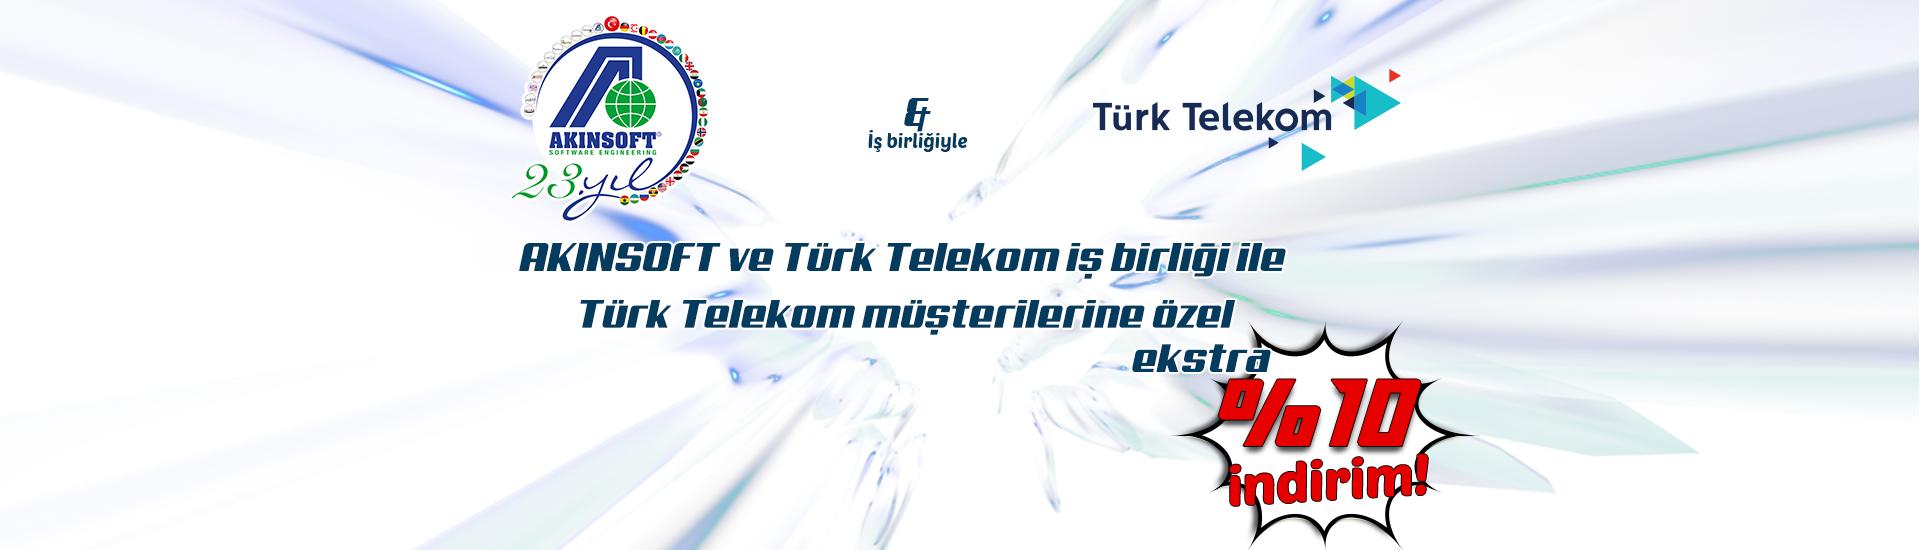 Türktelekom %10 Kampamyası